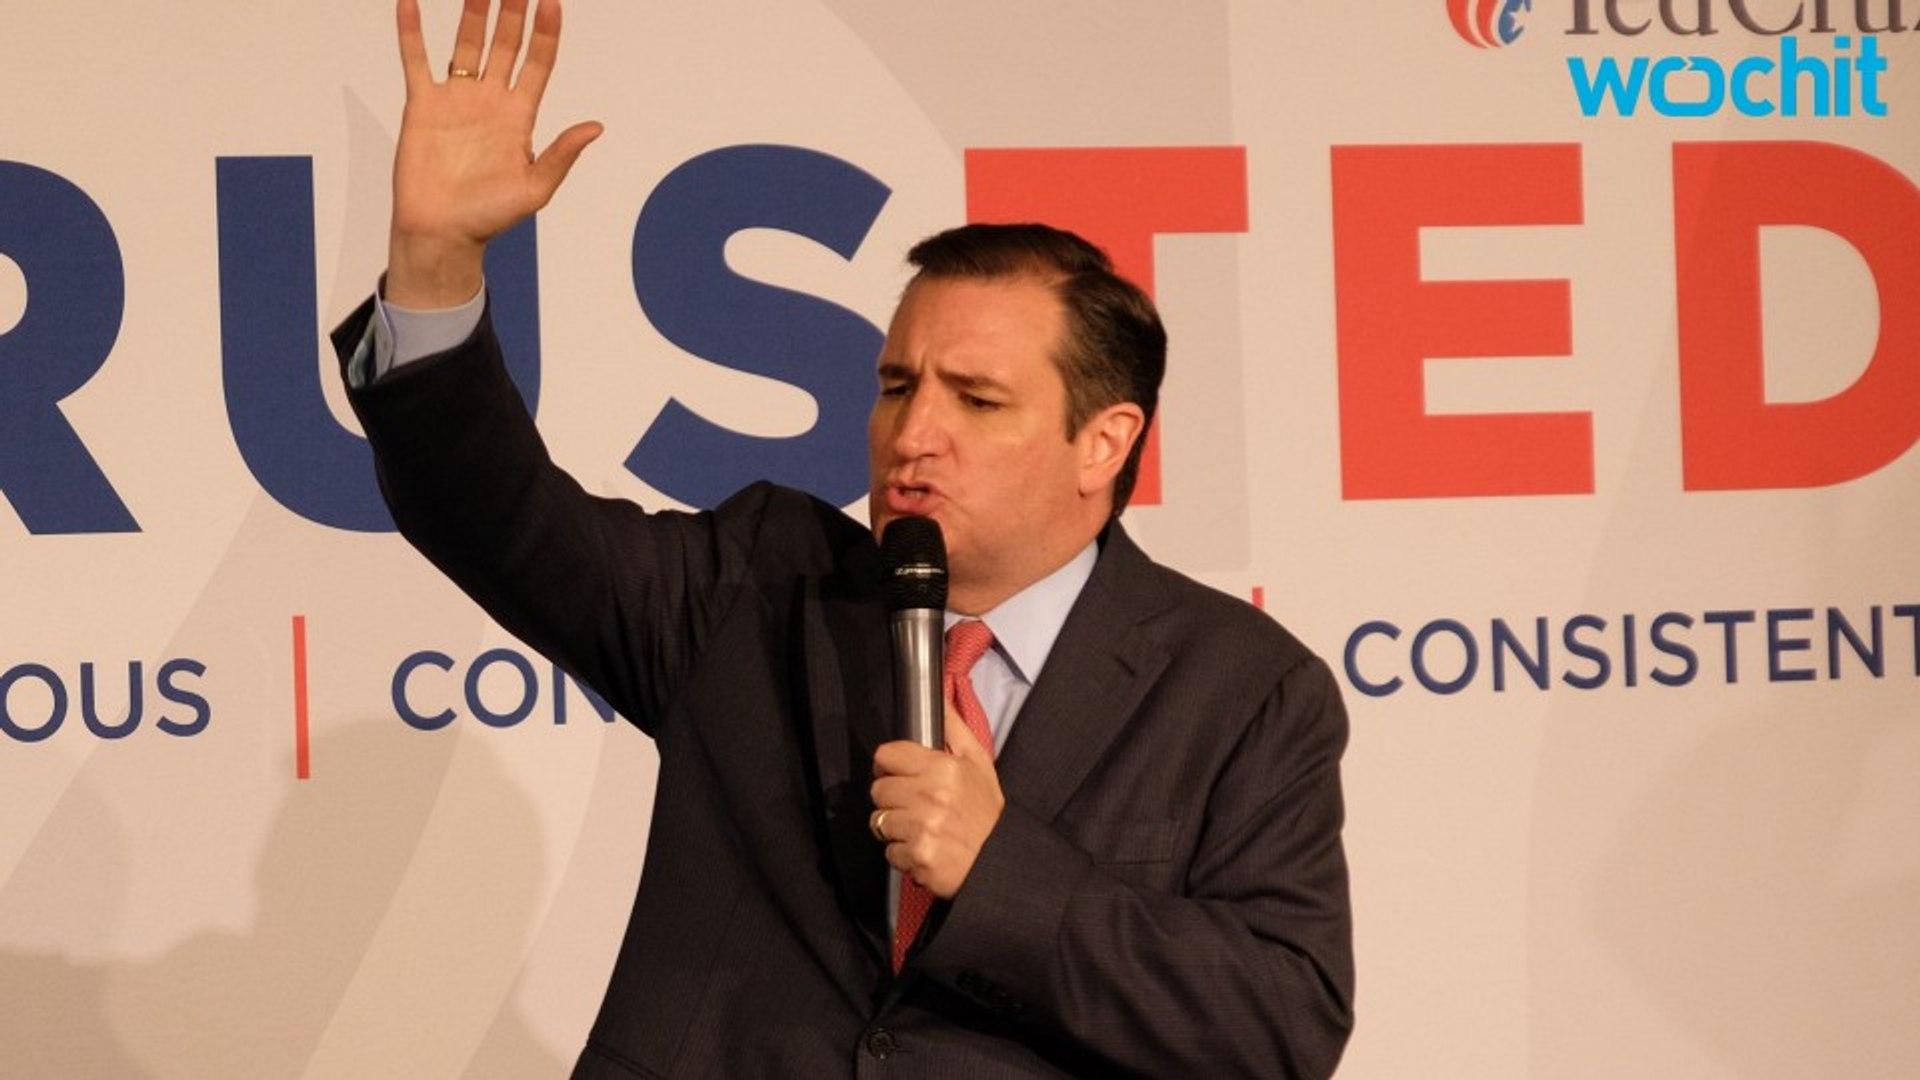 Ted Cruz Attacks Concept of Minimum Wage